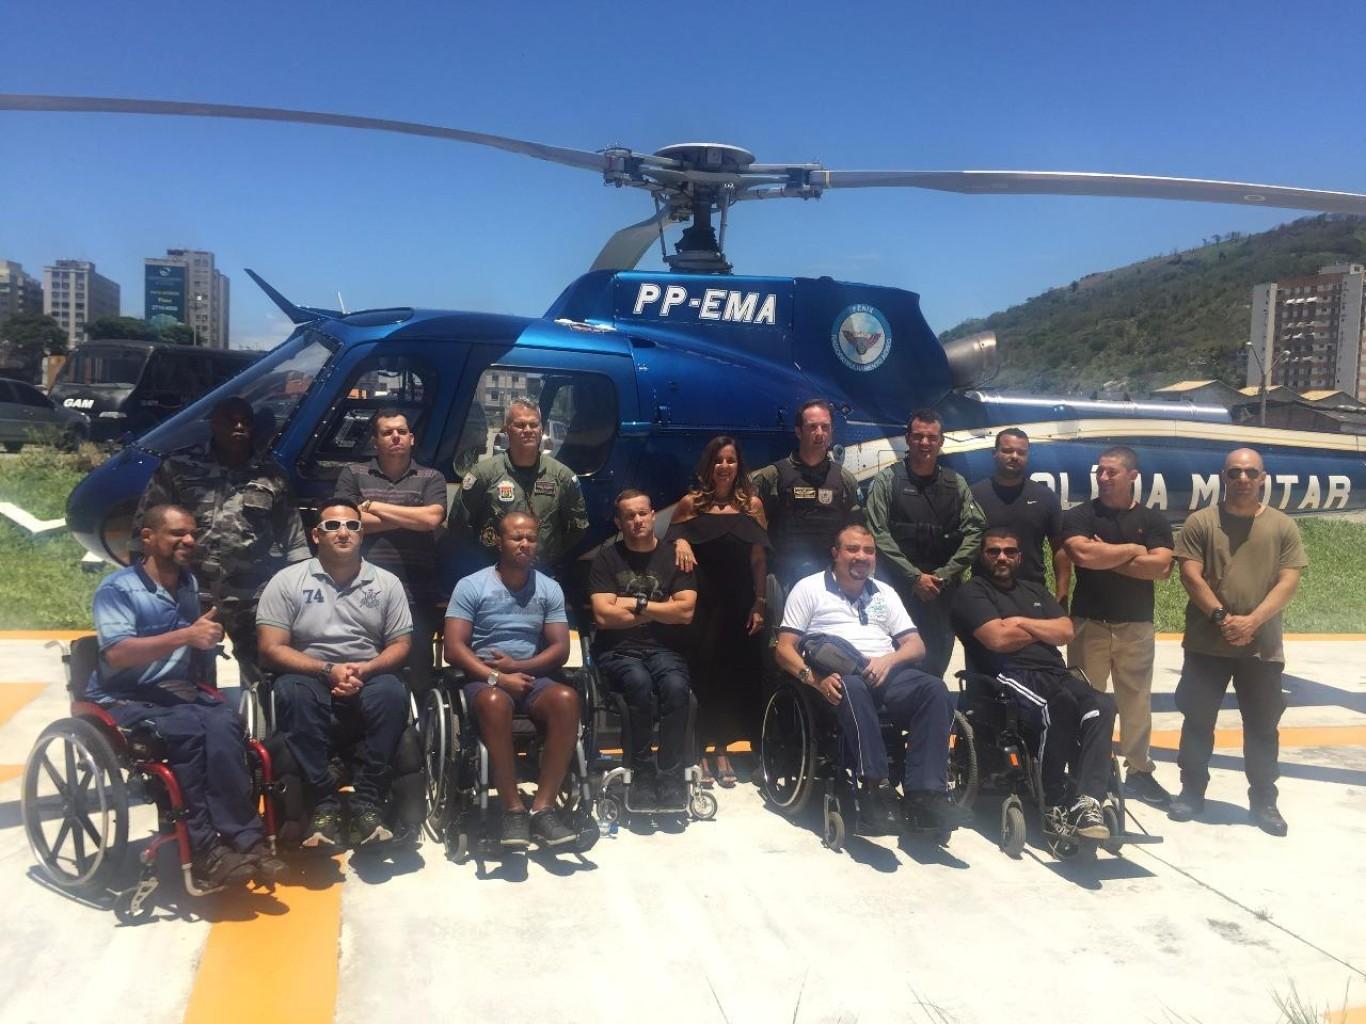 Policiais com necessidades especiais visitam o GAM e realizam passeio de aeronave